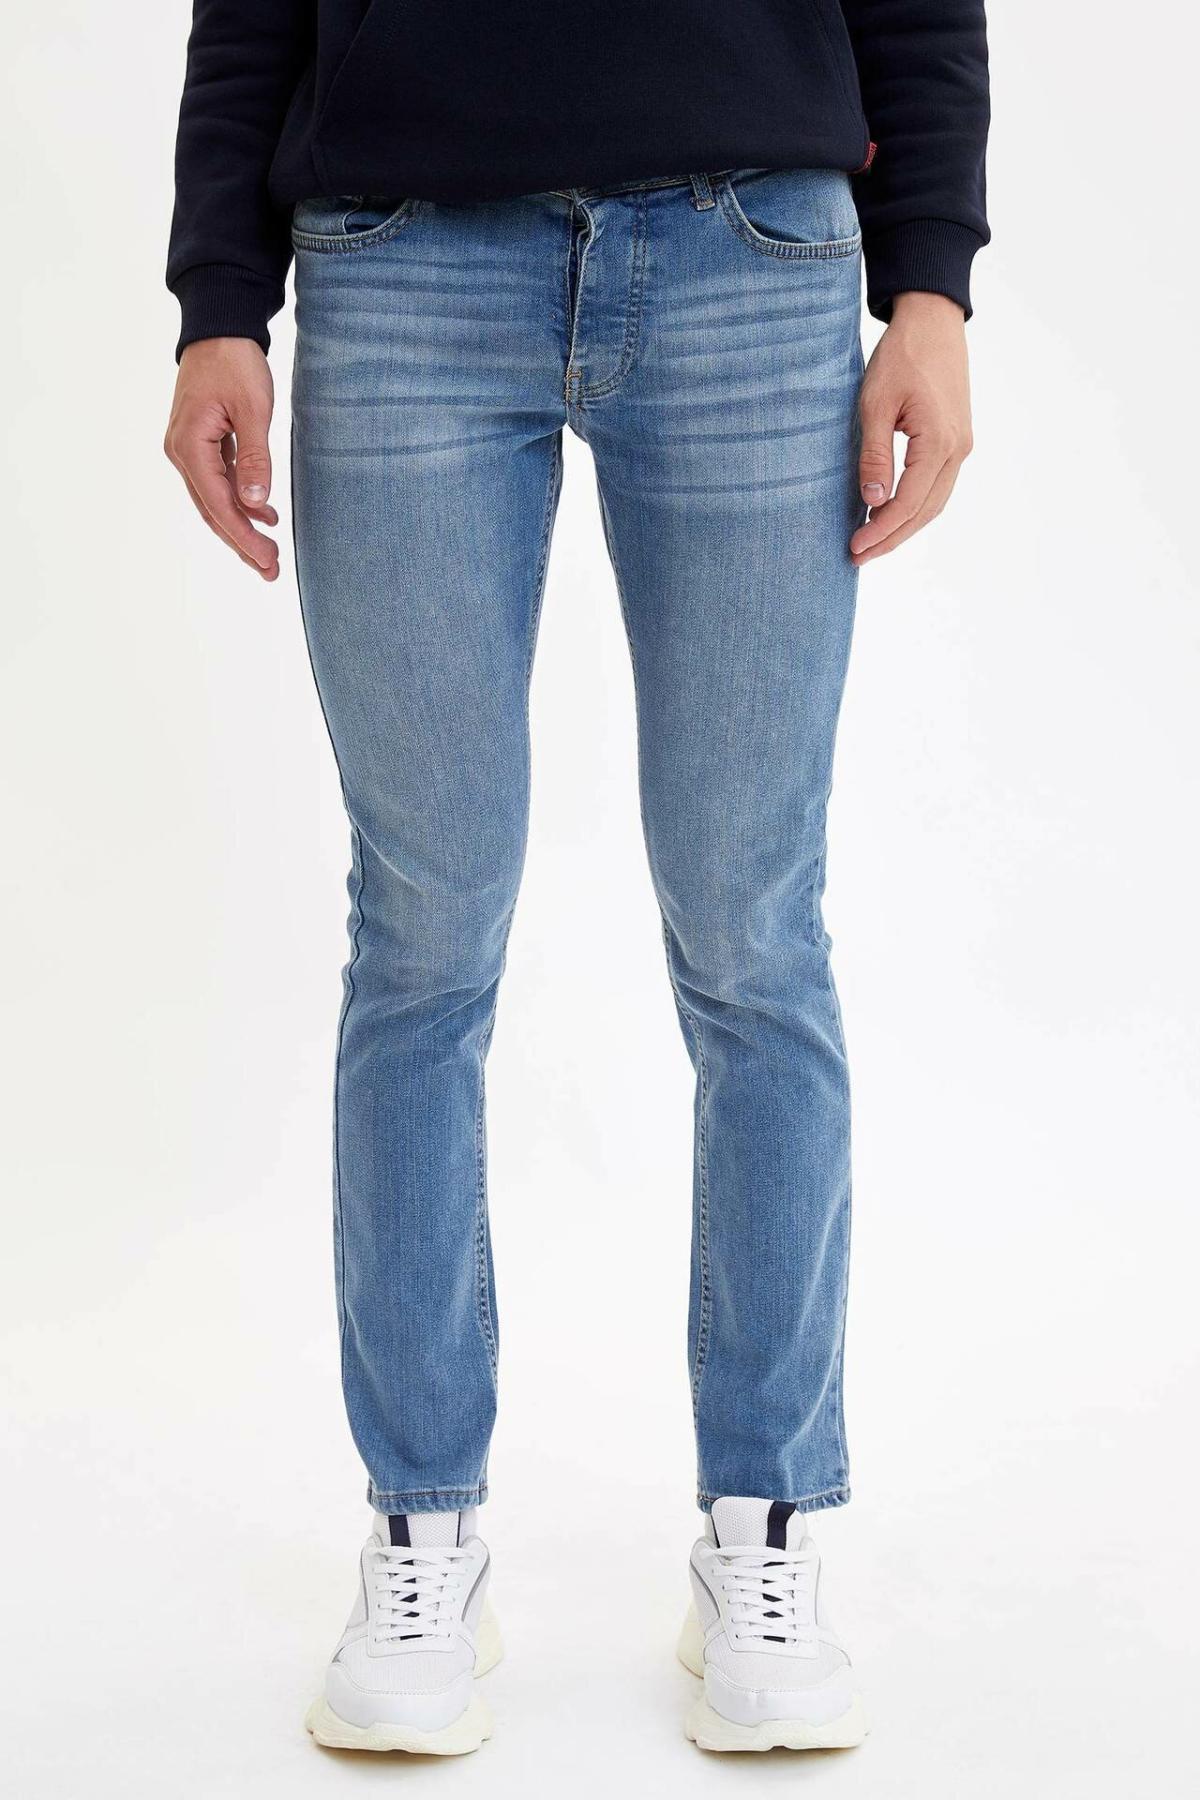 DeFacto Fashion Casual Men's Denim Pants Autumn Straight Leg Jeans Male Classic Slim Comfortable Trousers Design L6702AZ19AU